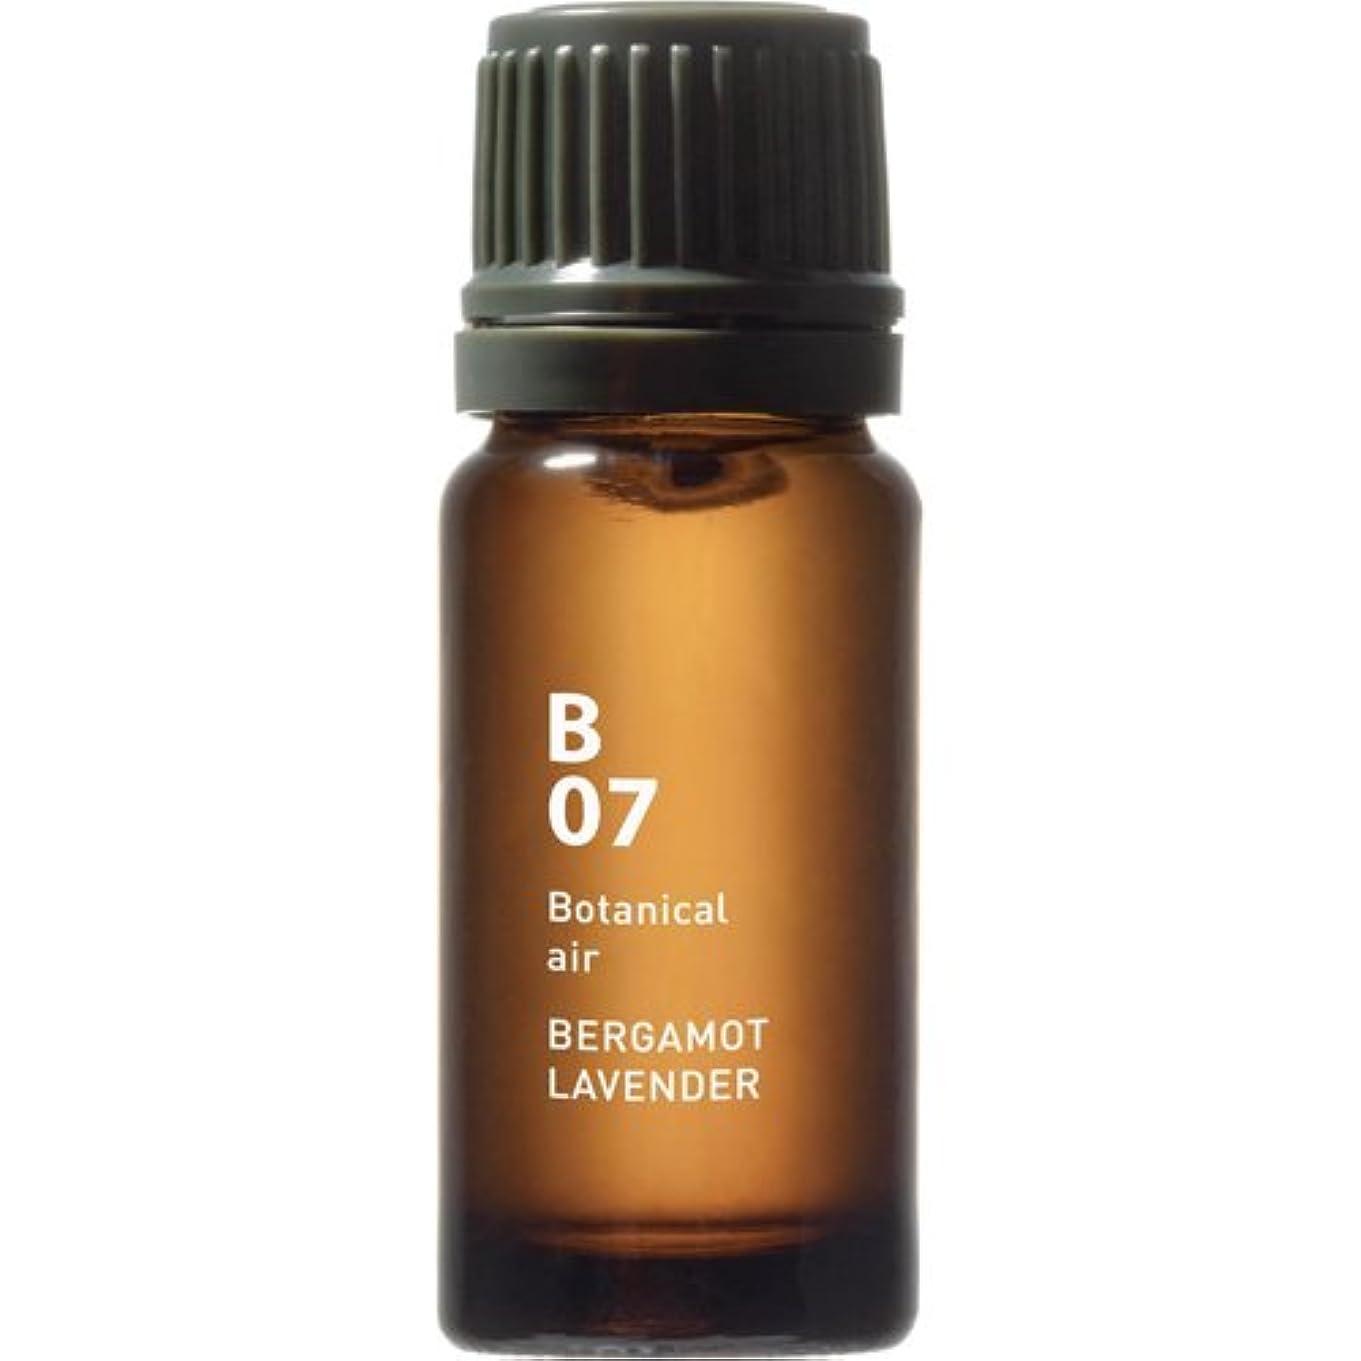 B07 ベルガモットラベンダー Botanical air(ボタニカルエアー) 10ml